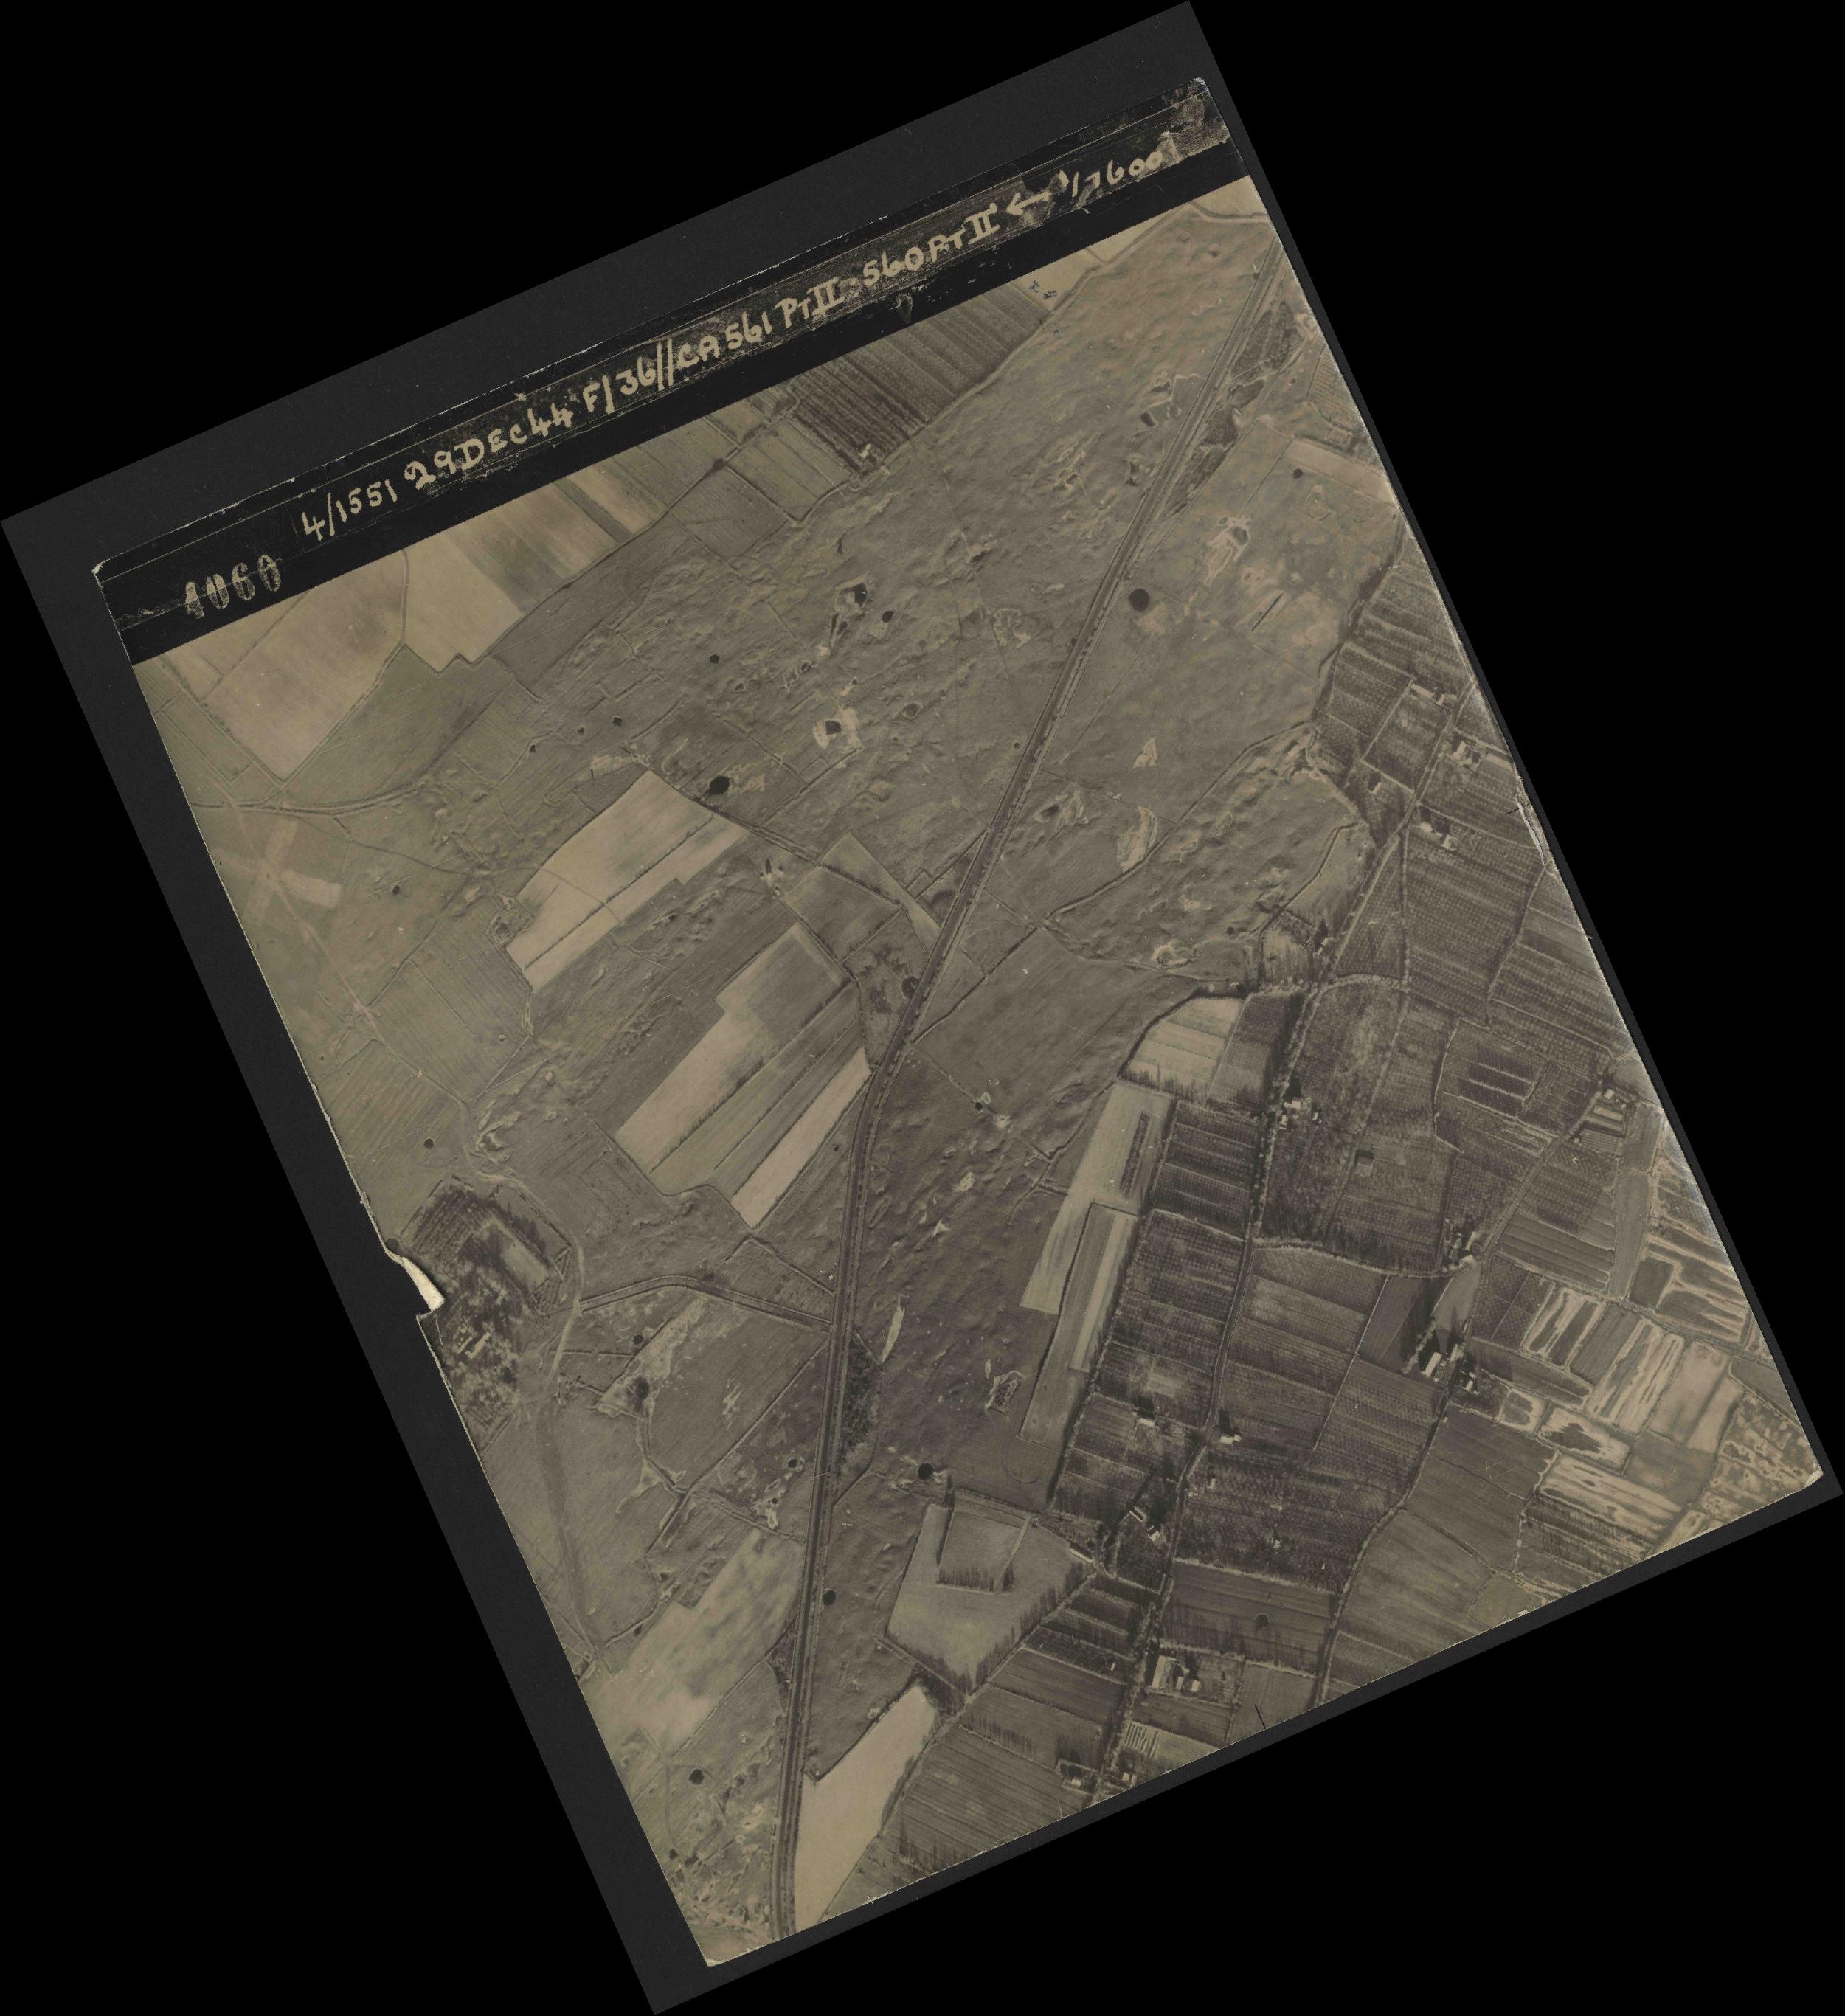 Collection RAF aerial photos 1940-1945 - flight 092, run 07, photo 4060